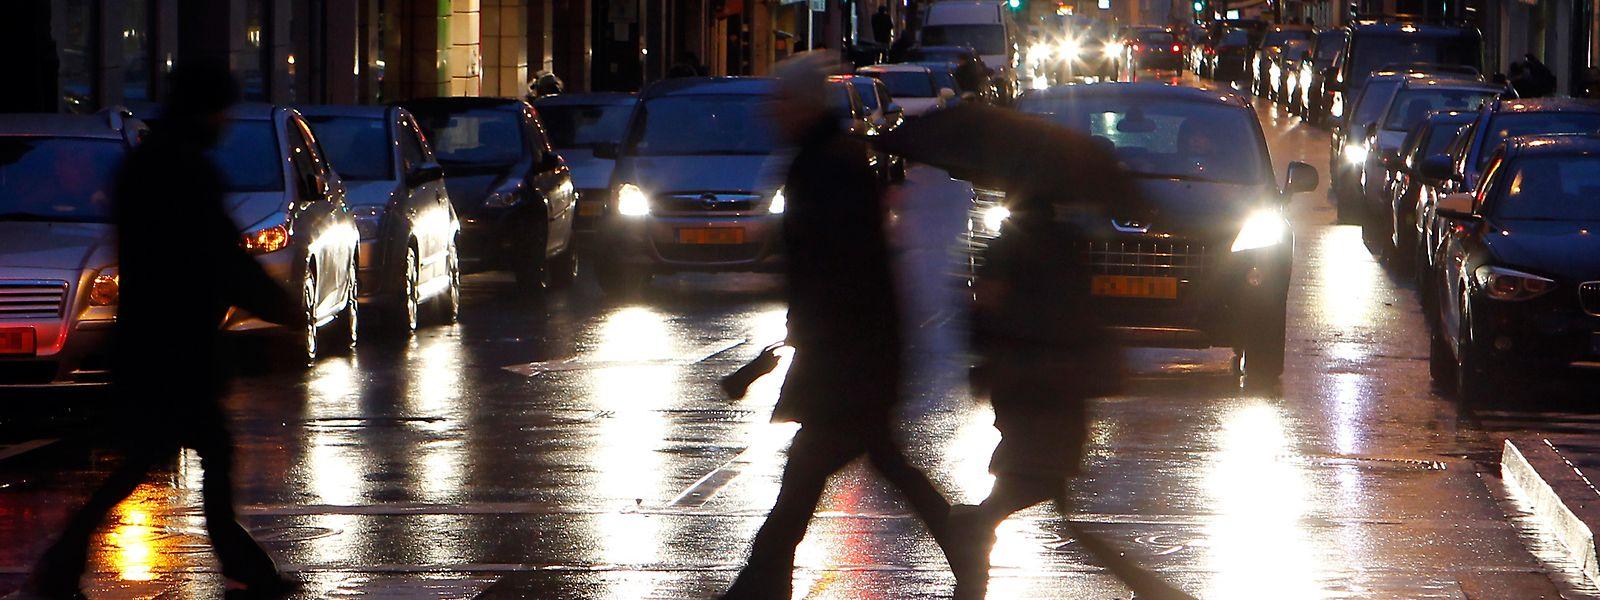 Dunkelheit und schlechte Witterungsbedingungen erschweren die Sichtverhältnisse im Straßenverkehr. Innerorts sind somit besonders Fußgänger einem zusätzlichen Risiko ausgesetzt.